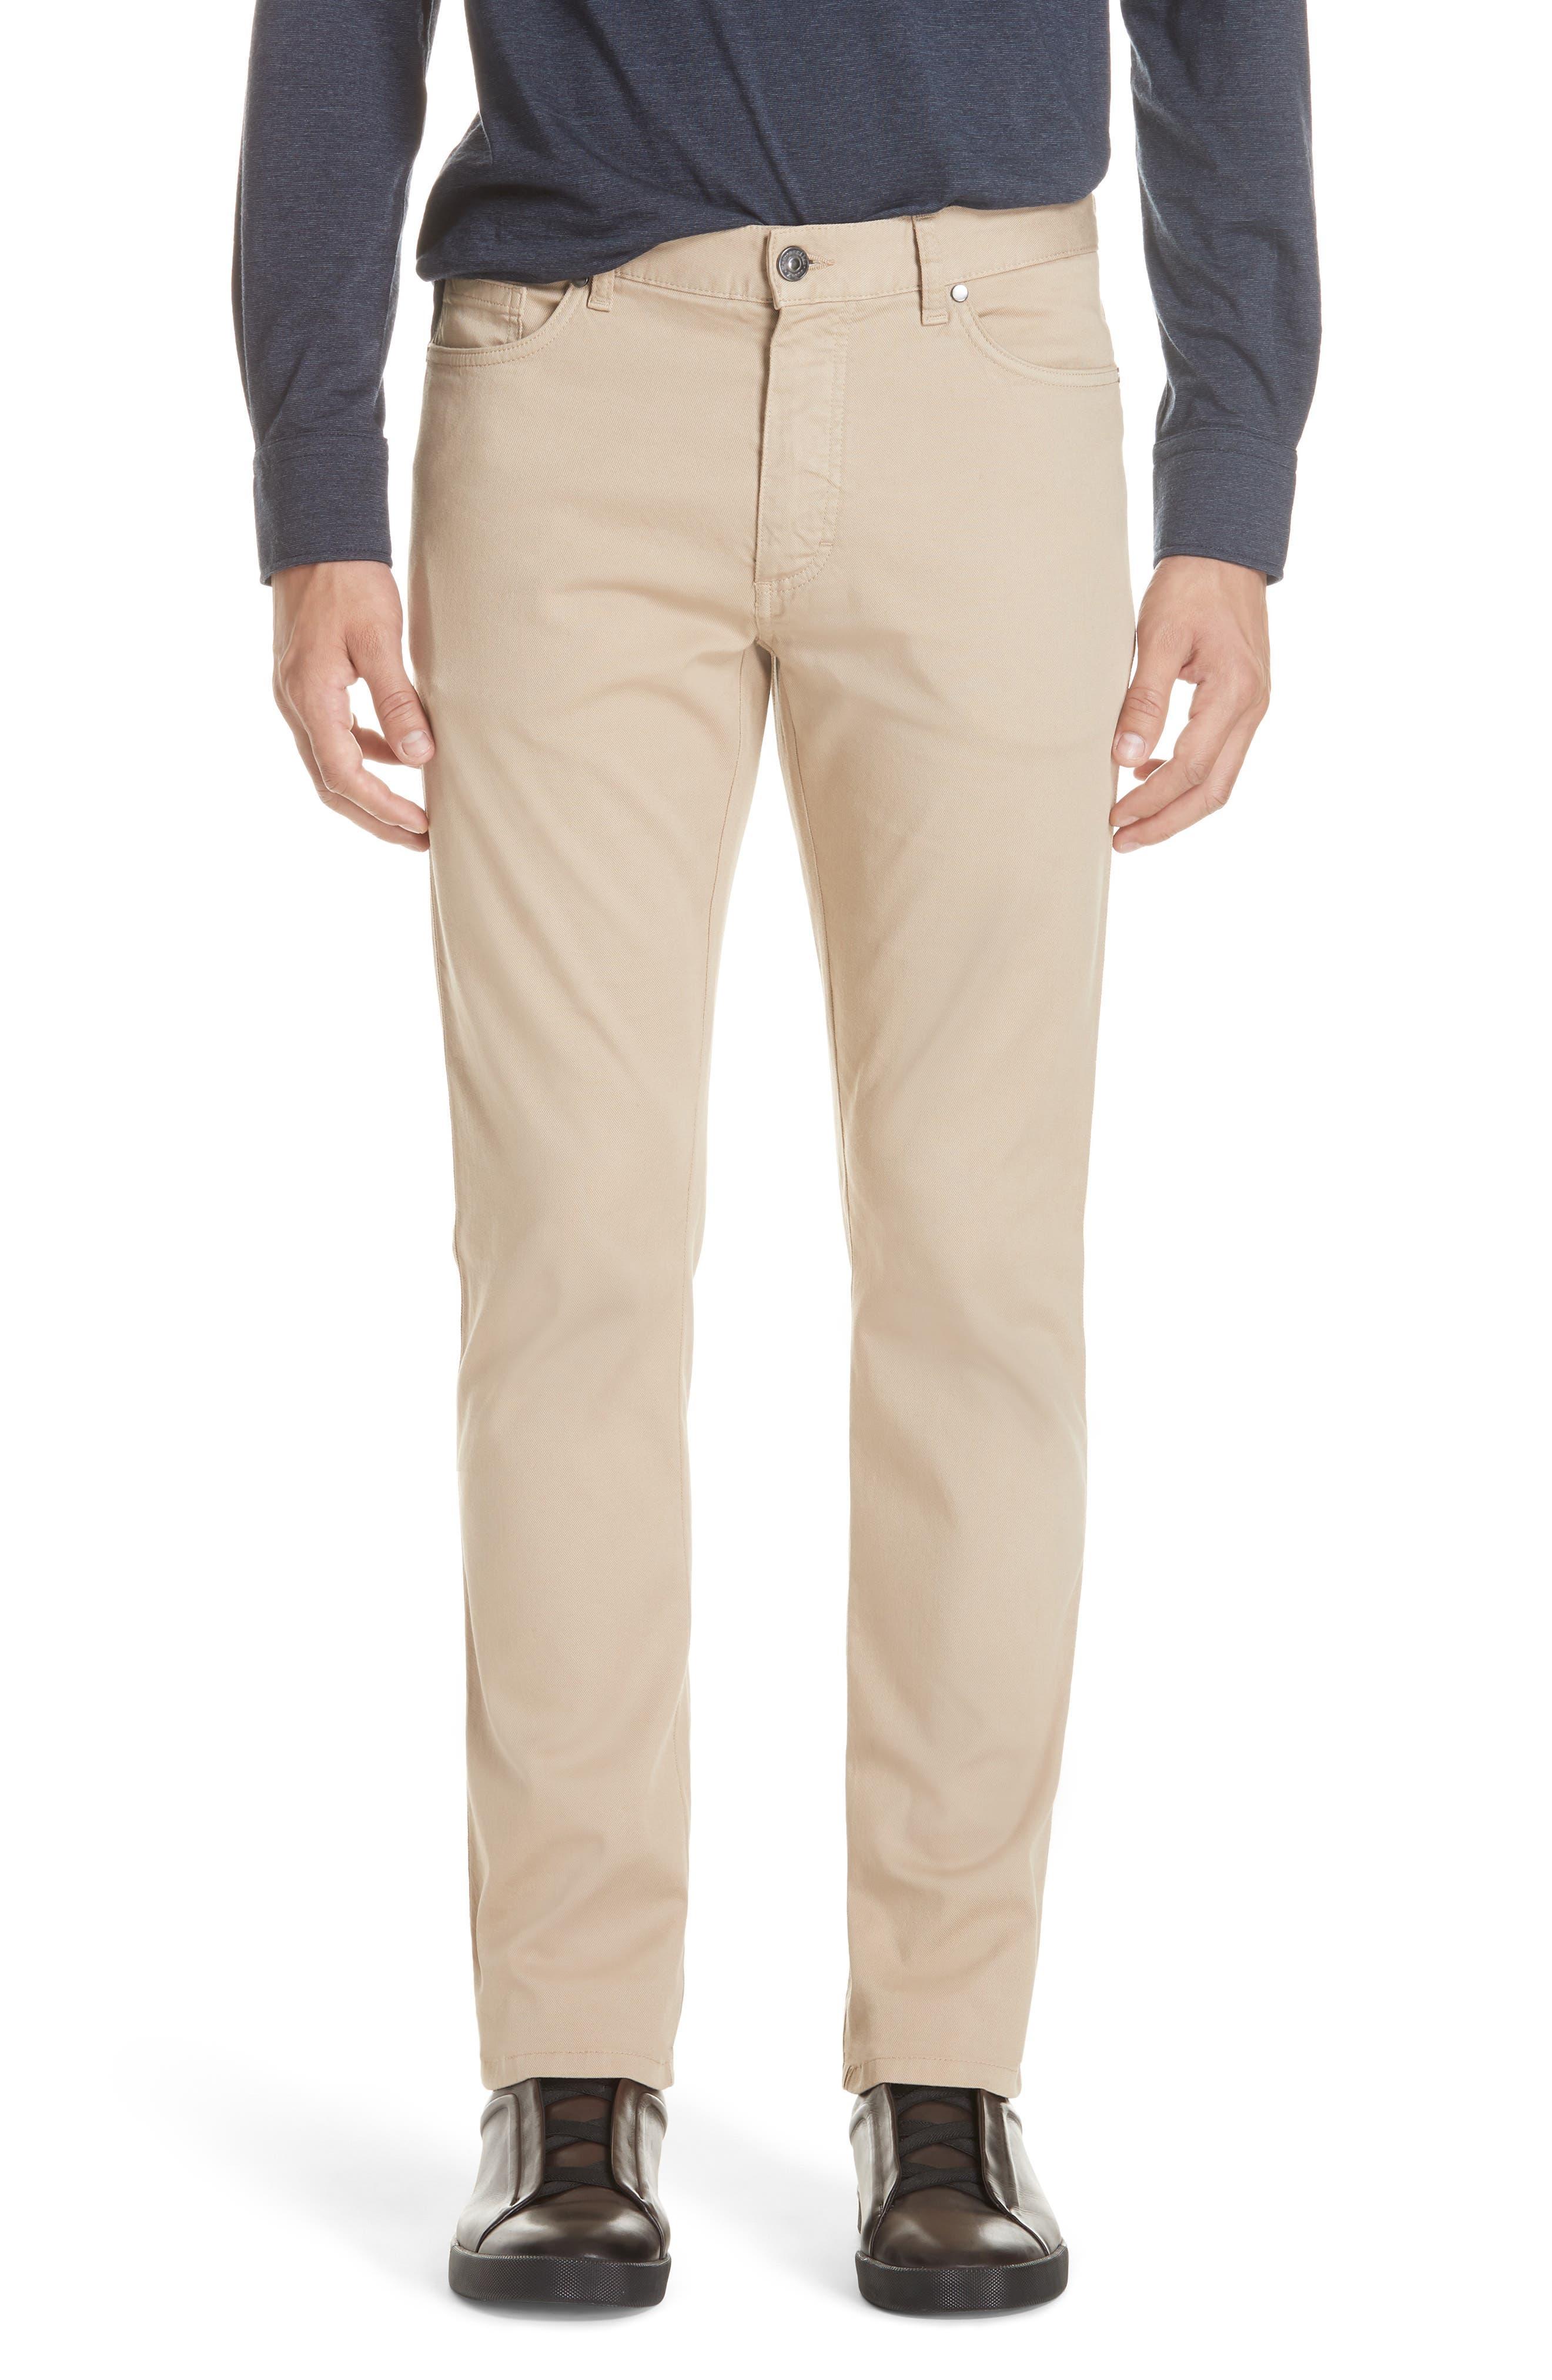 ERMENEGILDO ZEGNA Stretch Cotton Five Pocket Pants, Main, color, LIGHT BEIGE